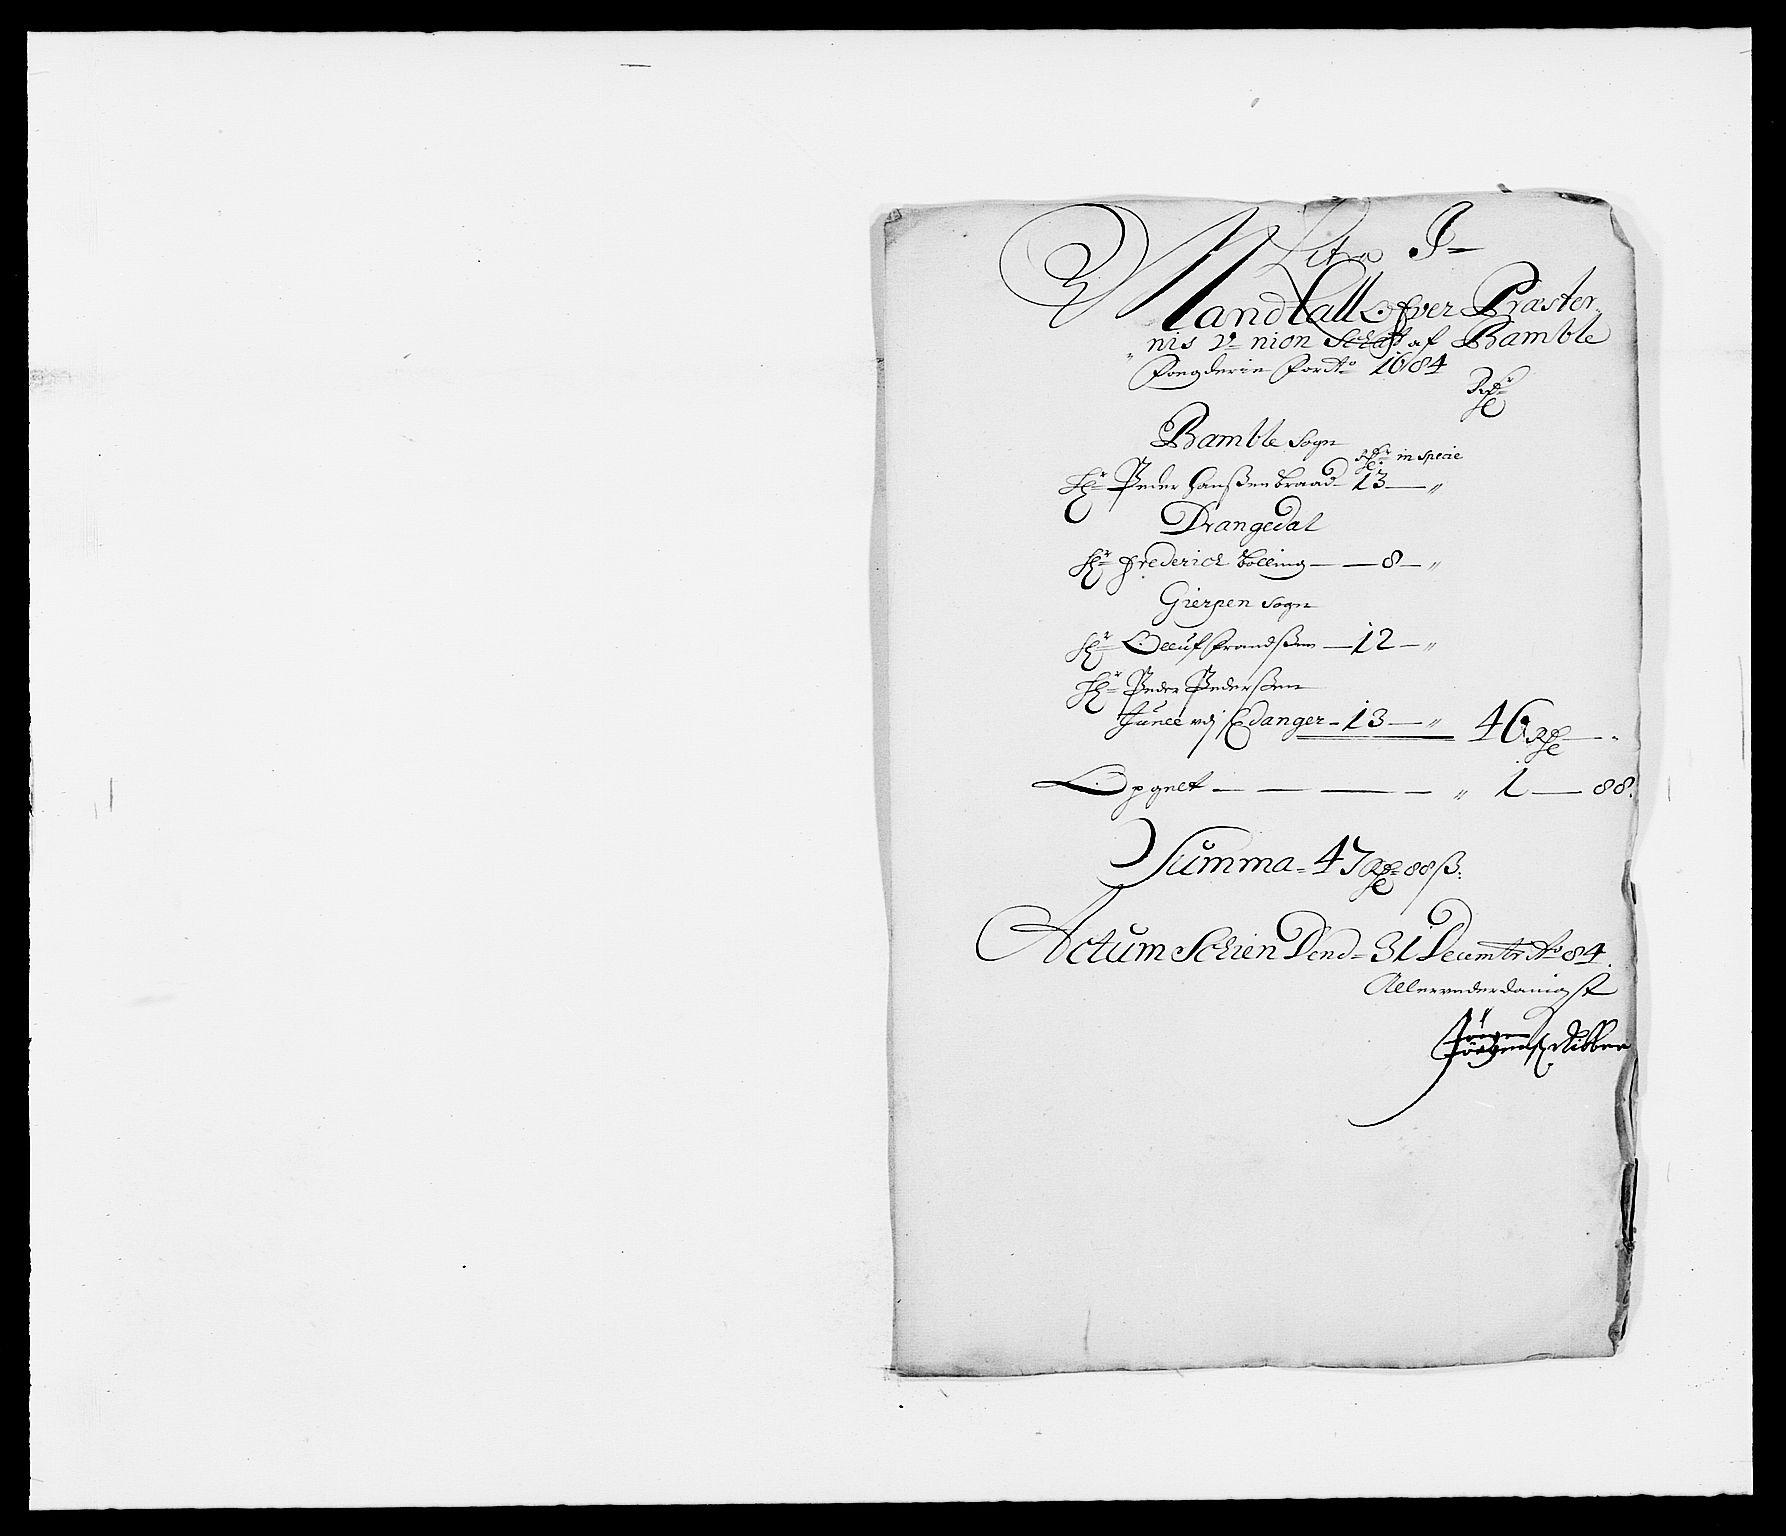 RA, Rentekammeret inntil 1814, Reviderte regnskaper, Fogderegnskap, R34/L2047: Fogderegnskap Bamble, 1684, s. 154